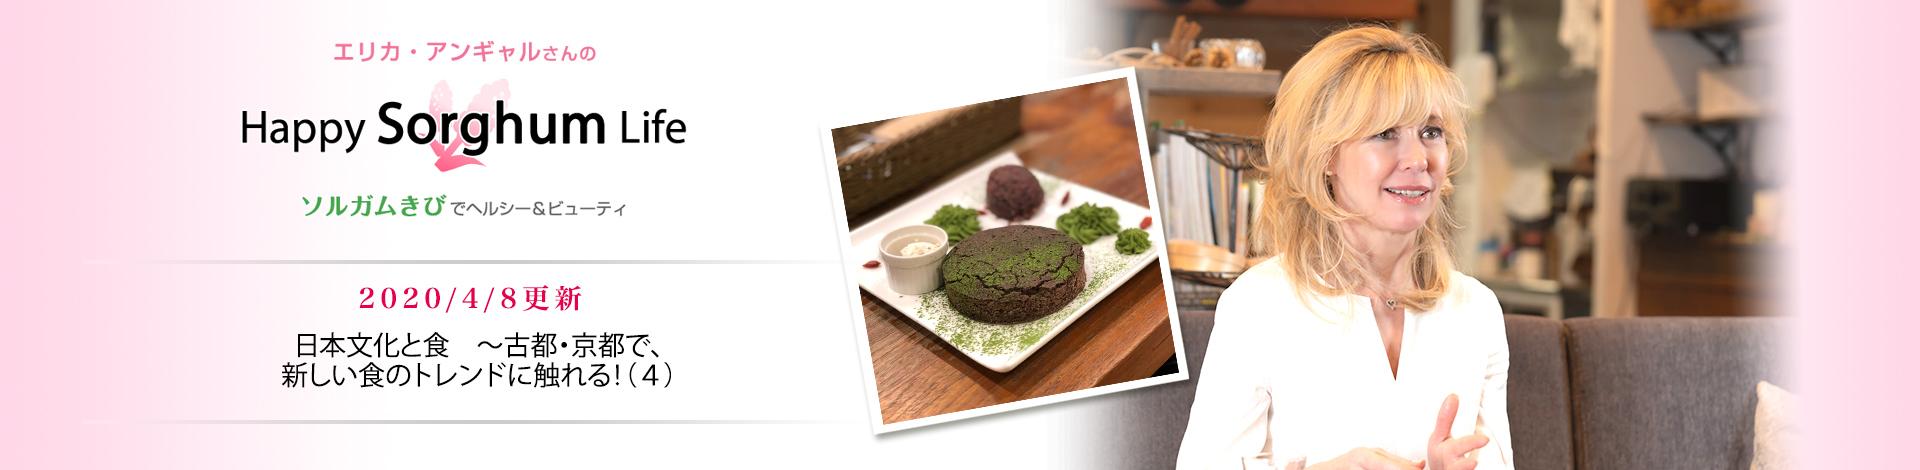 日本文化と食 ~古都・京都で、新しい食のトレンドに触れる!(4)